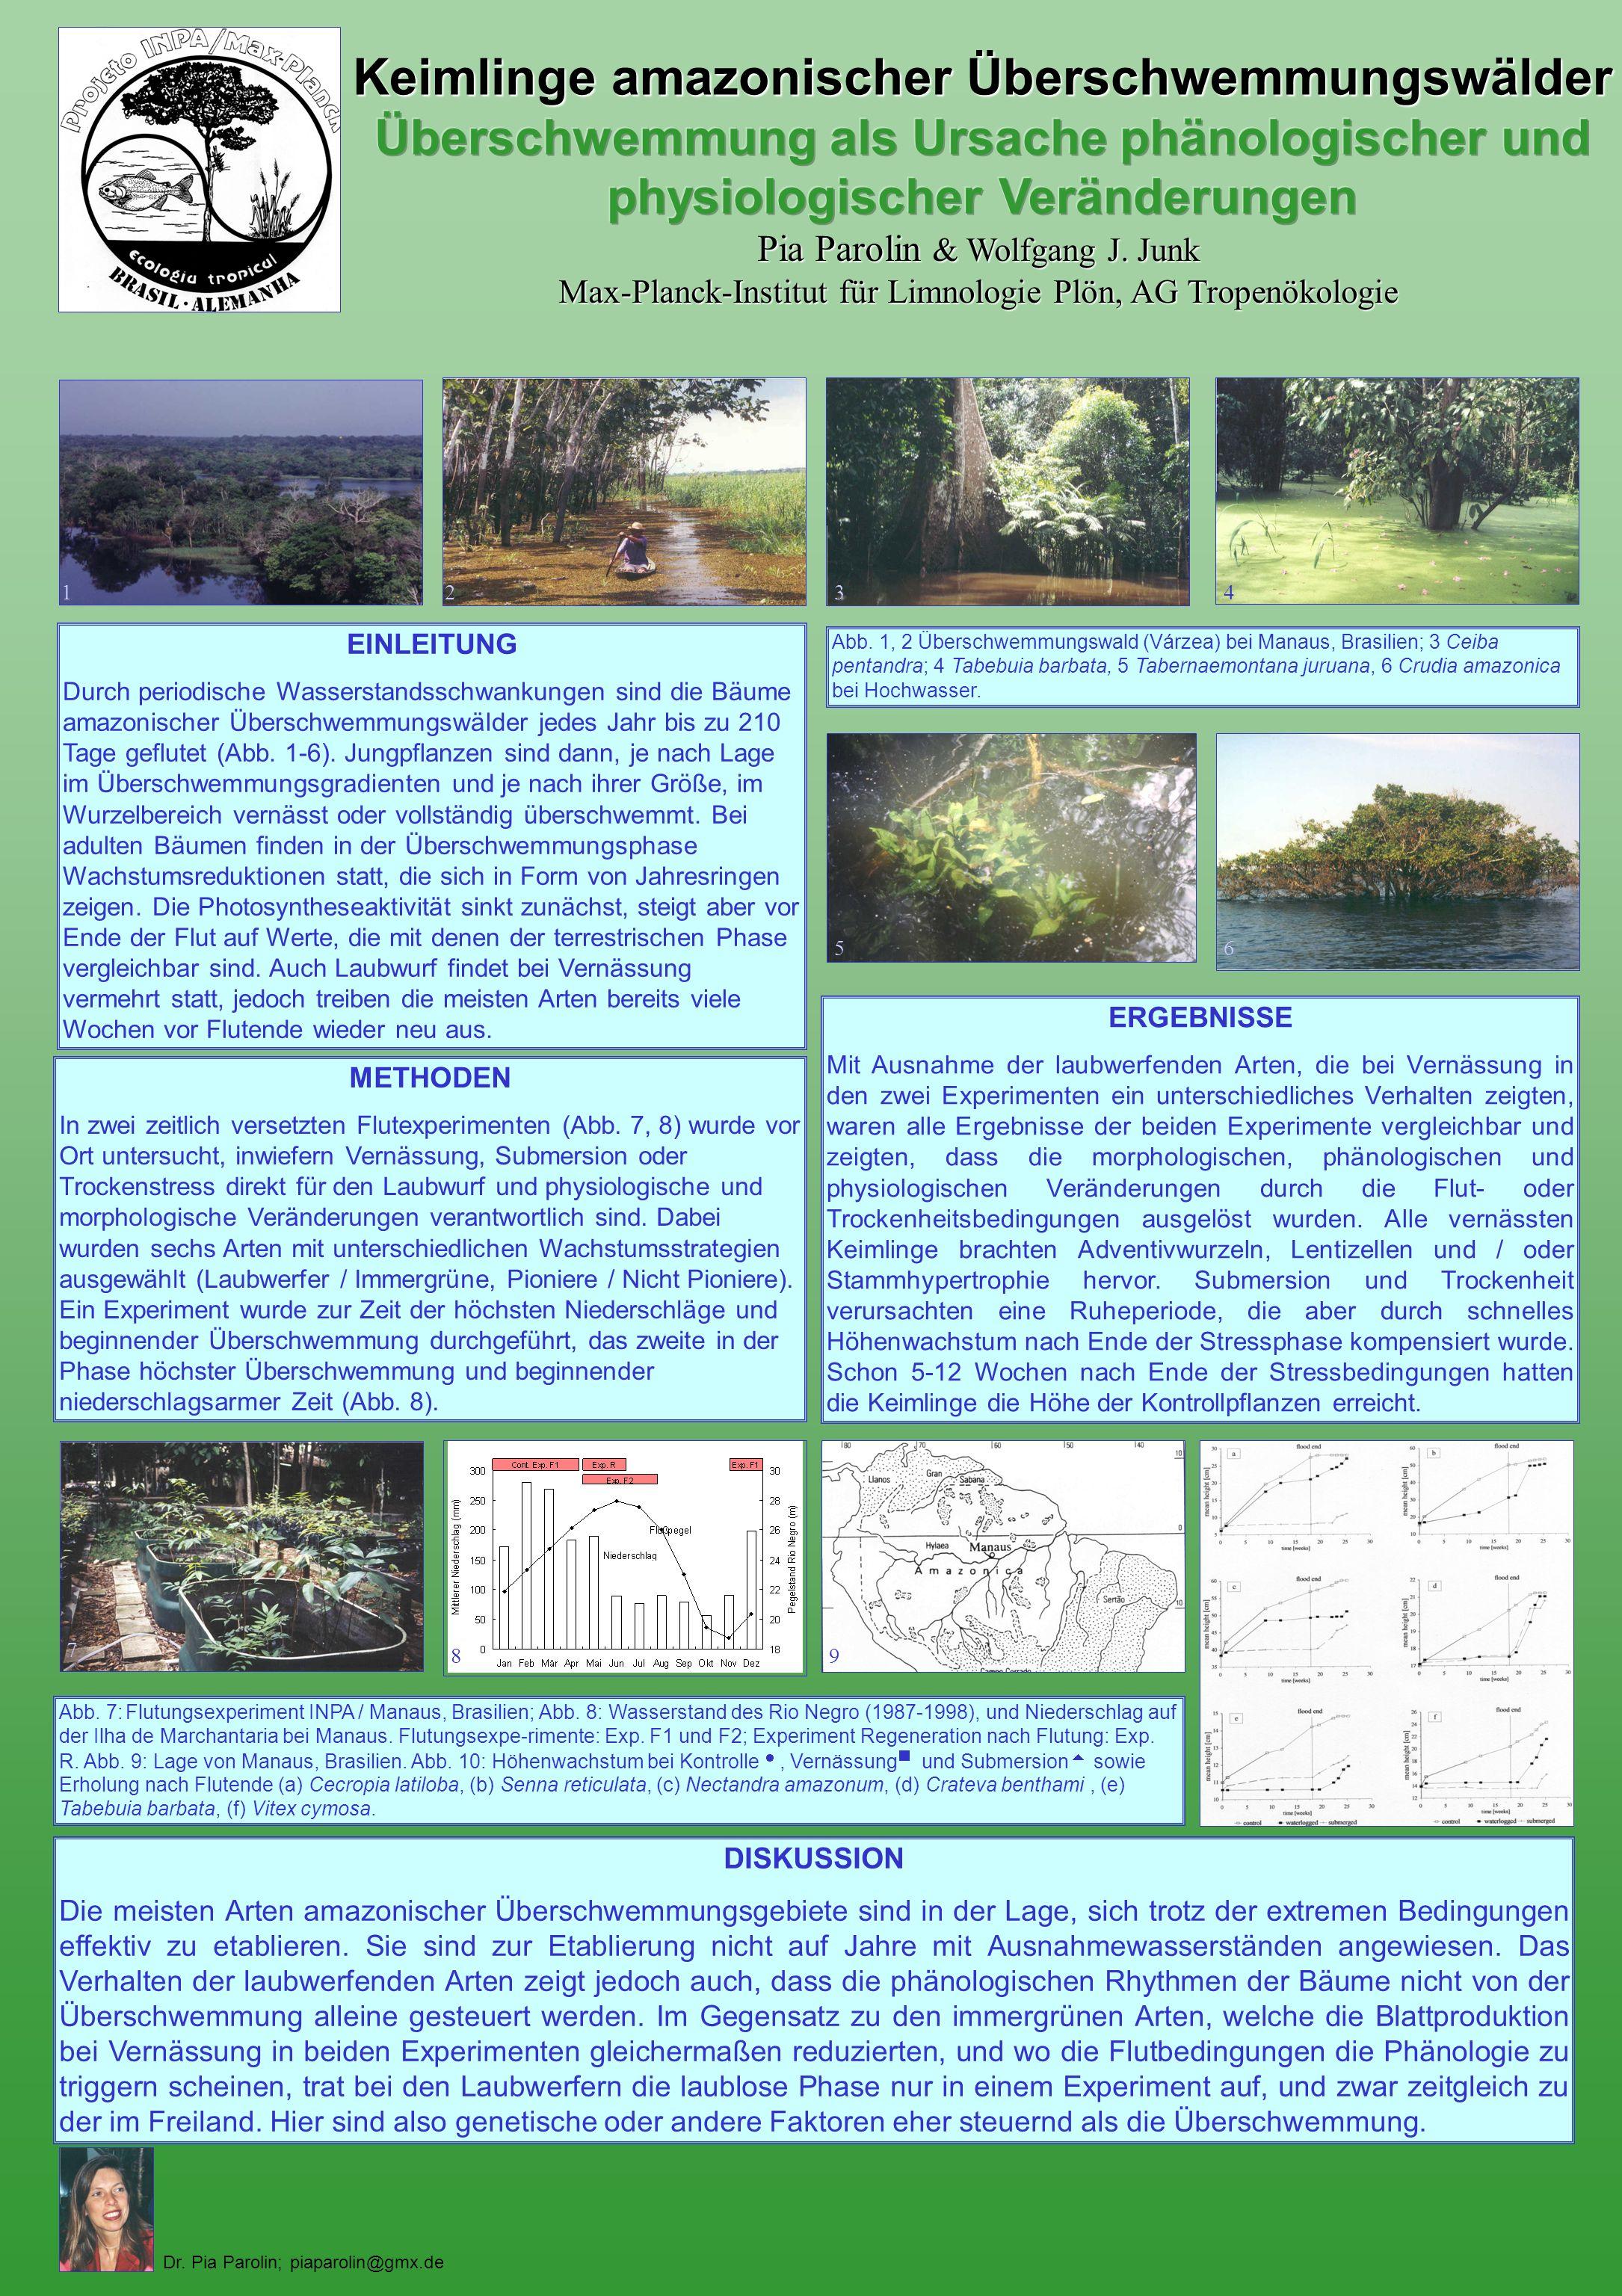 Keimlinge amazonischer Überschwemmungswälder